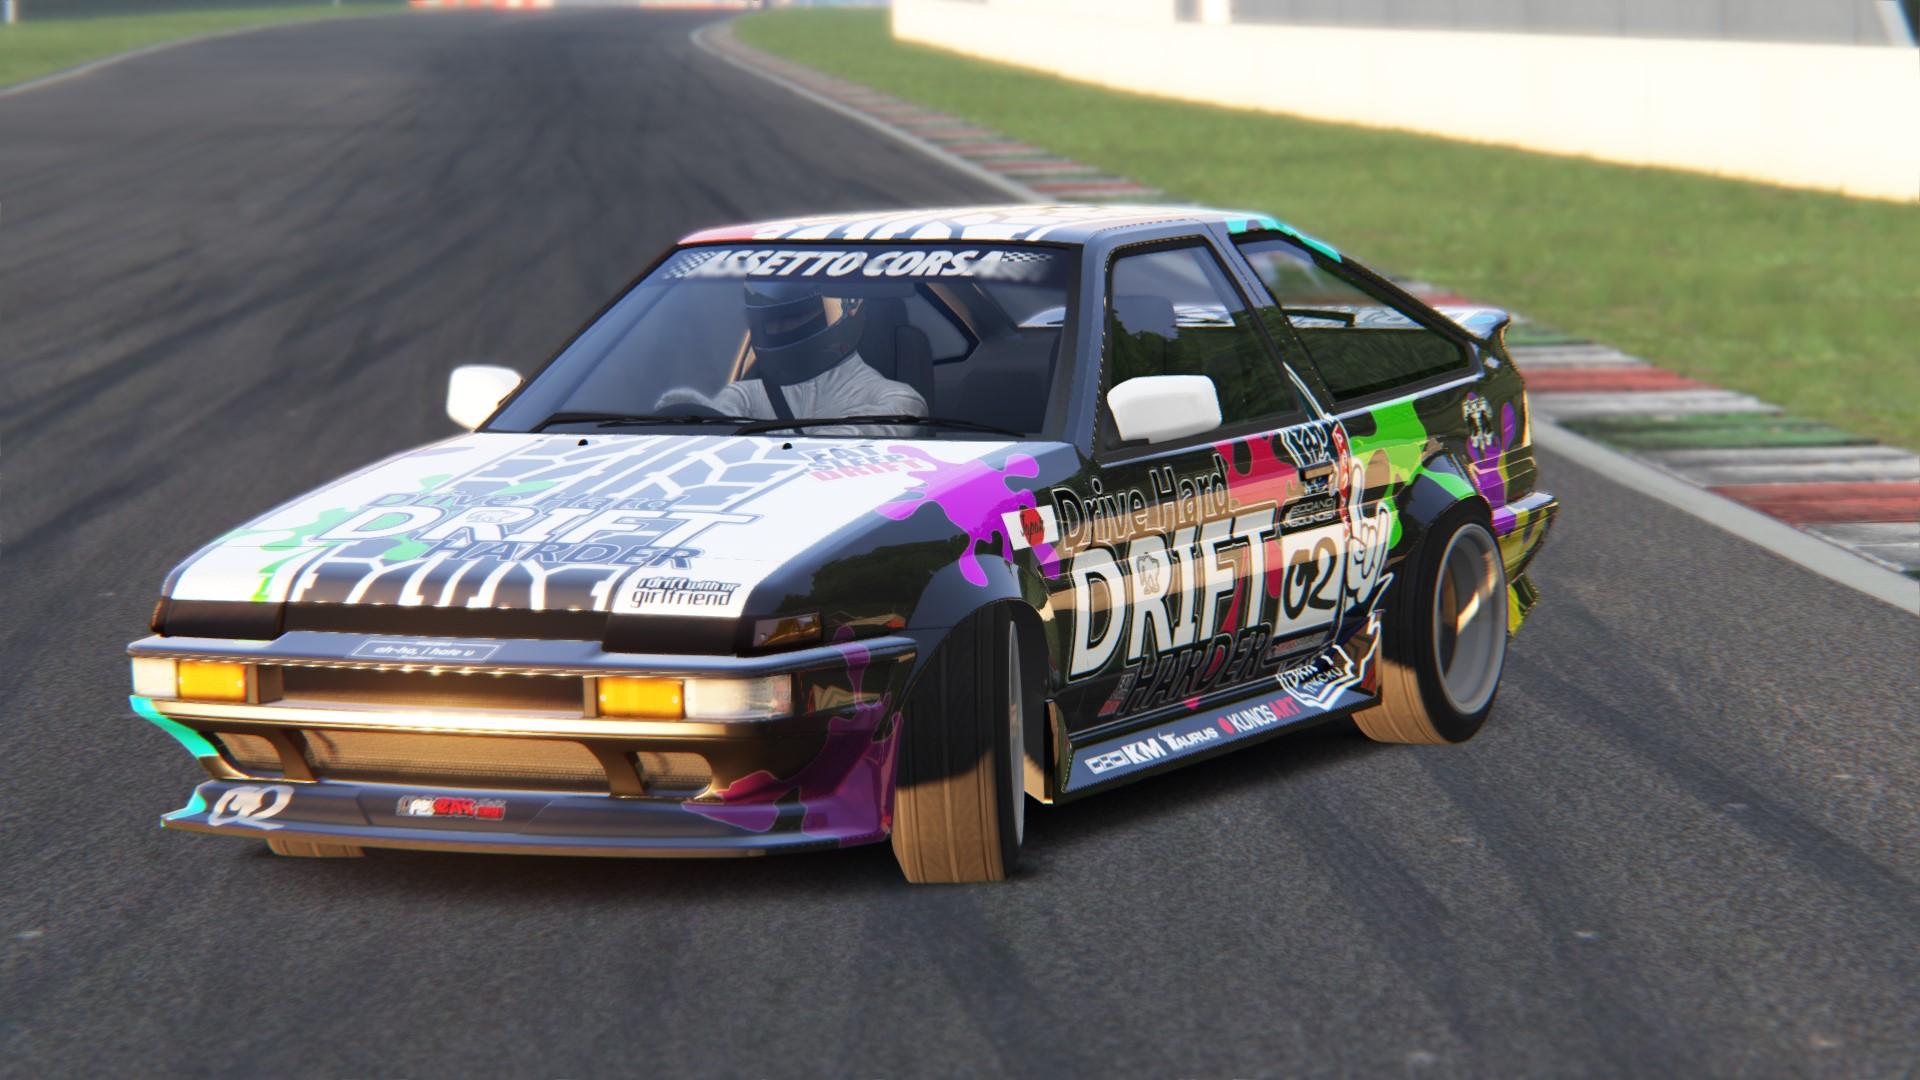 Assetto Corsa AE86 RB26 DRIFT